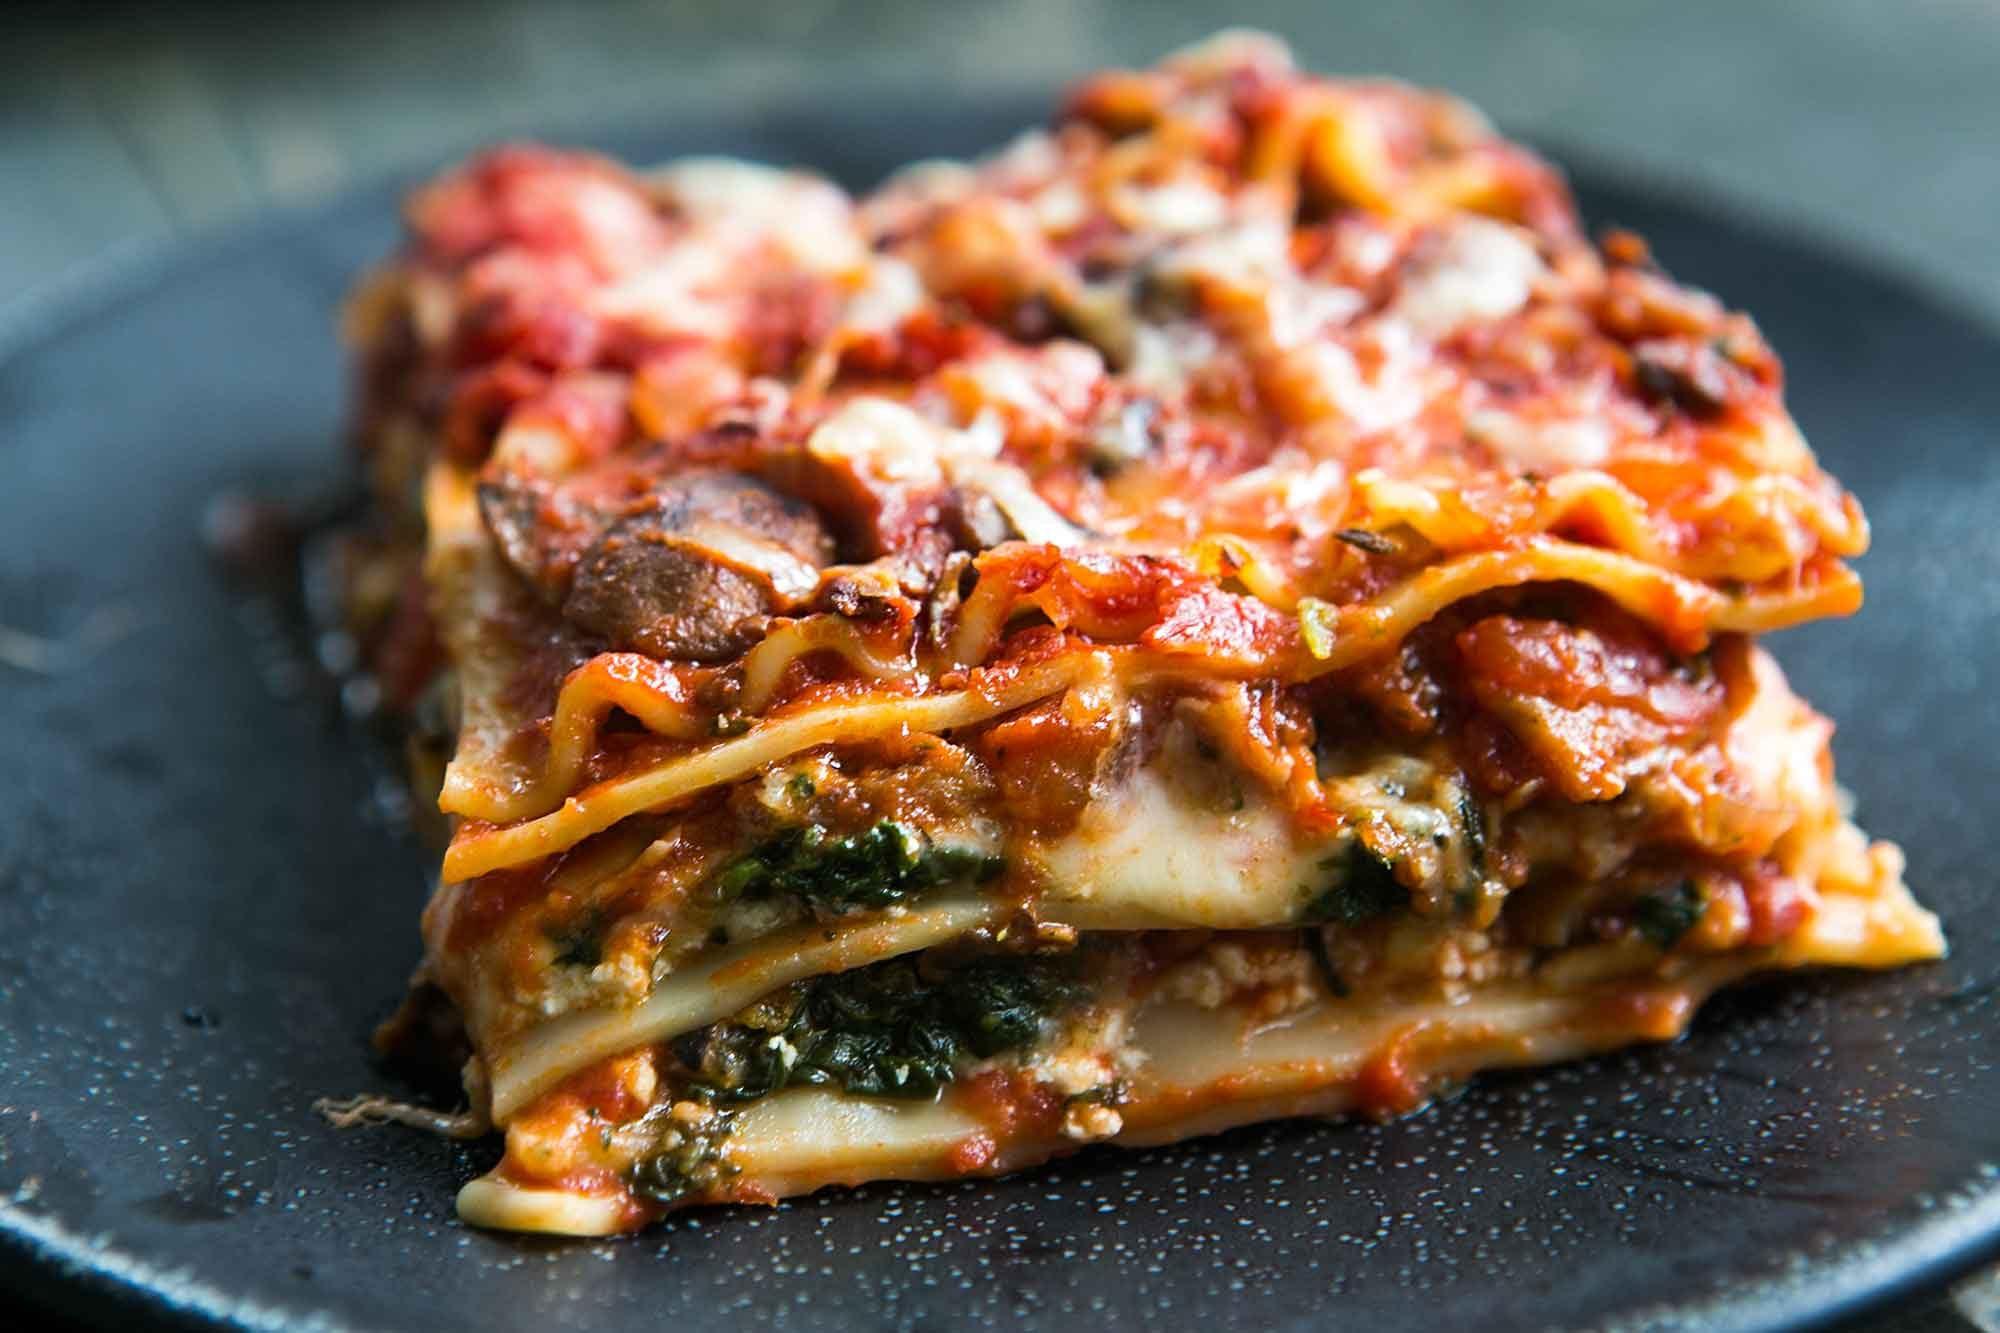 Gourmet, etnico o veg? No, grazie. 8 italiani su 10 rivogliono la cucina della nonna